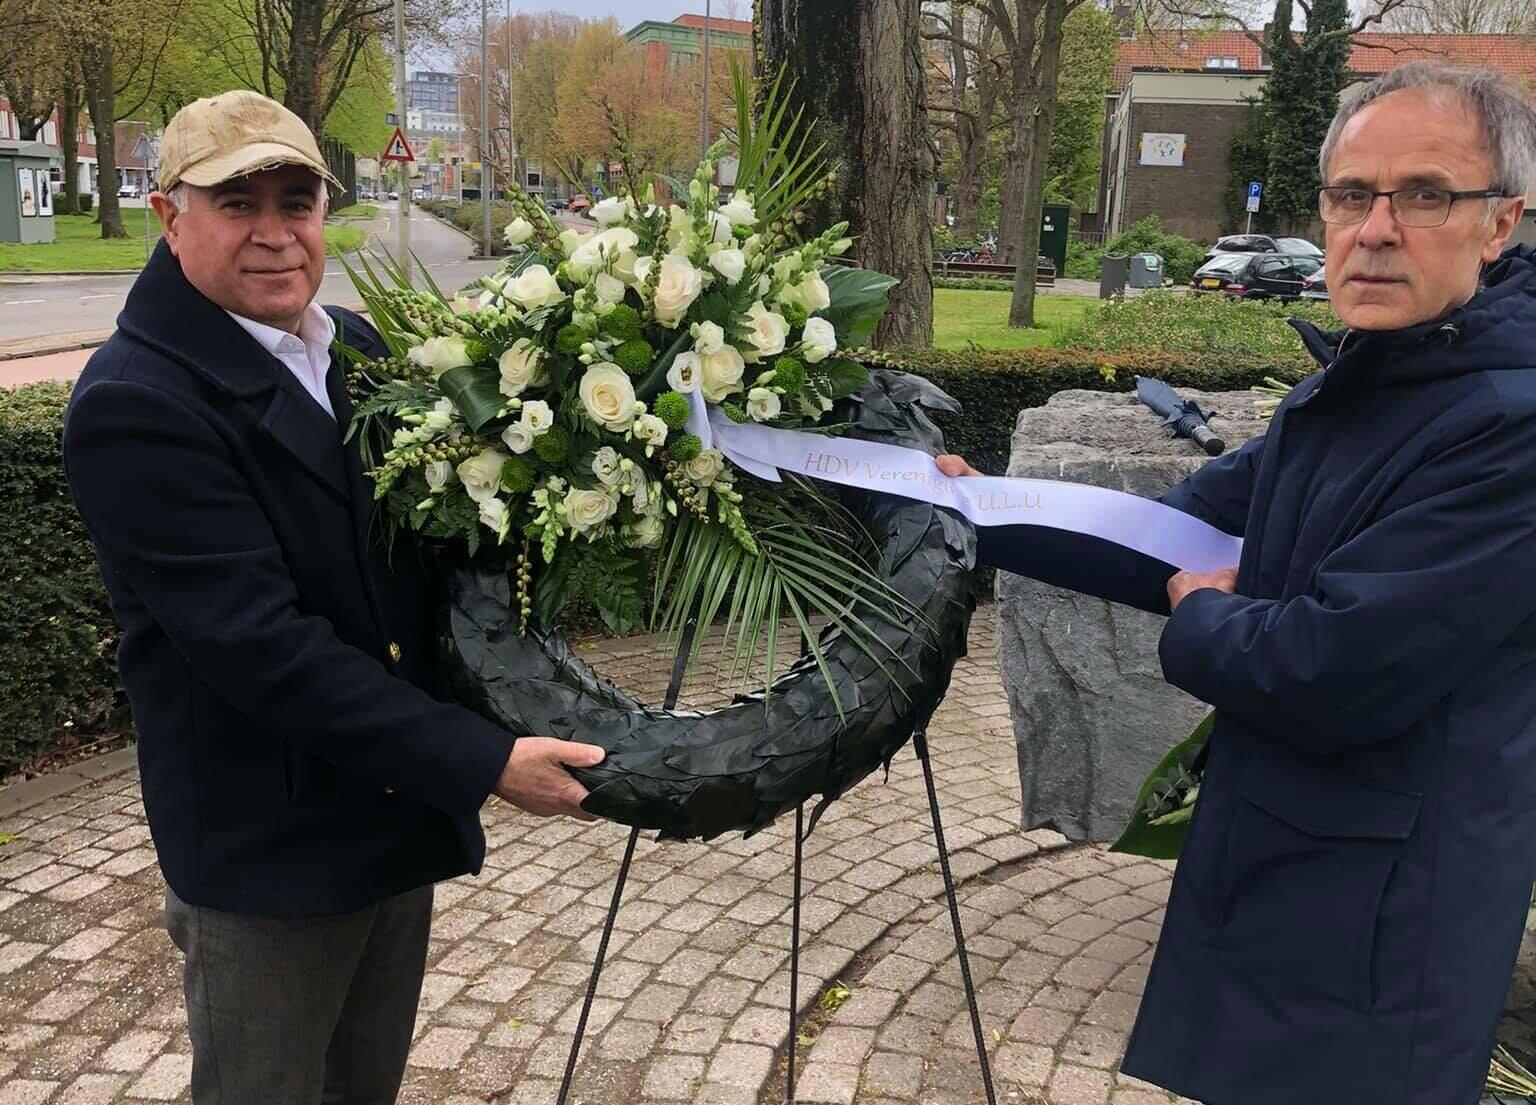 Hollanda'da İkinci Dünya Savaşı Kurbanları Anıldı